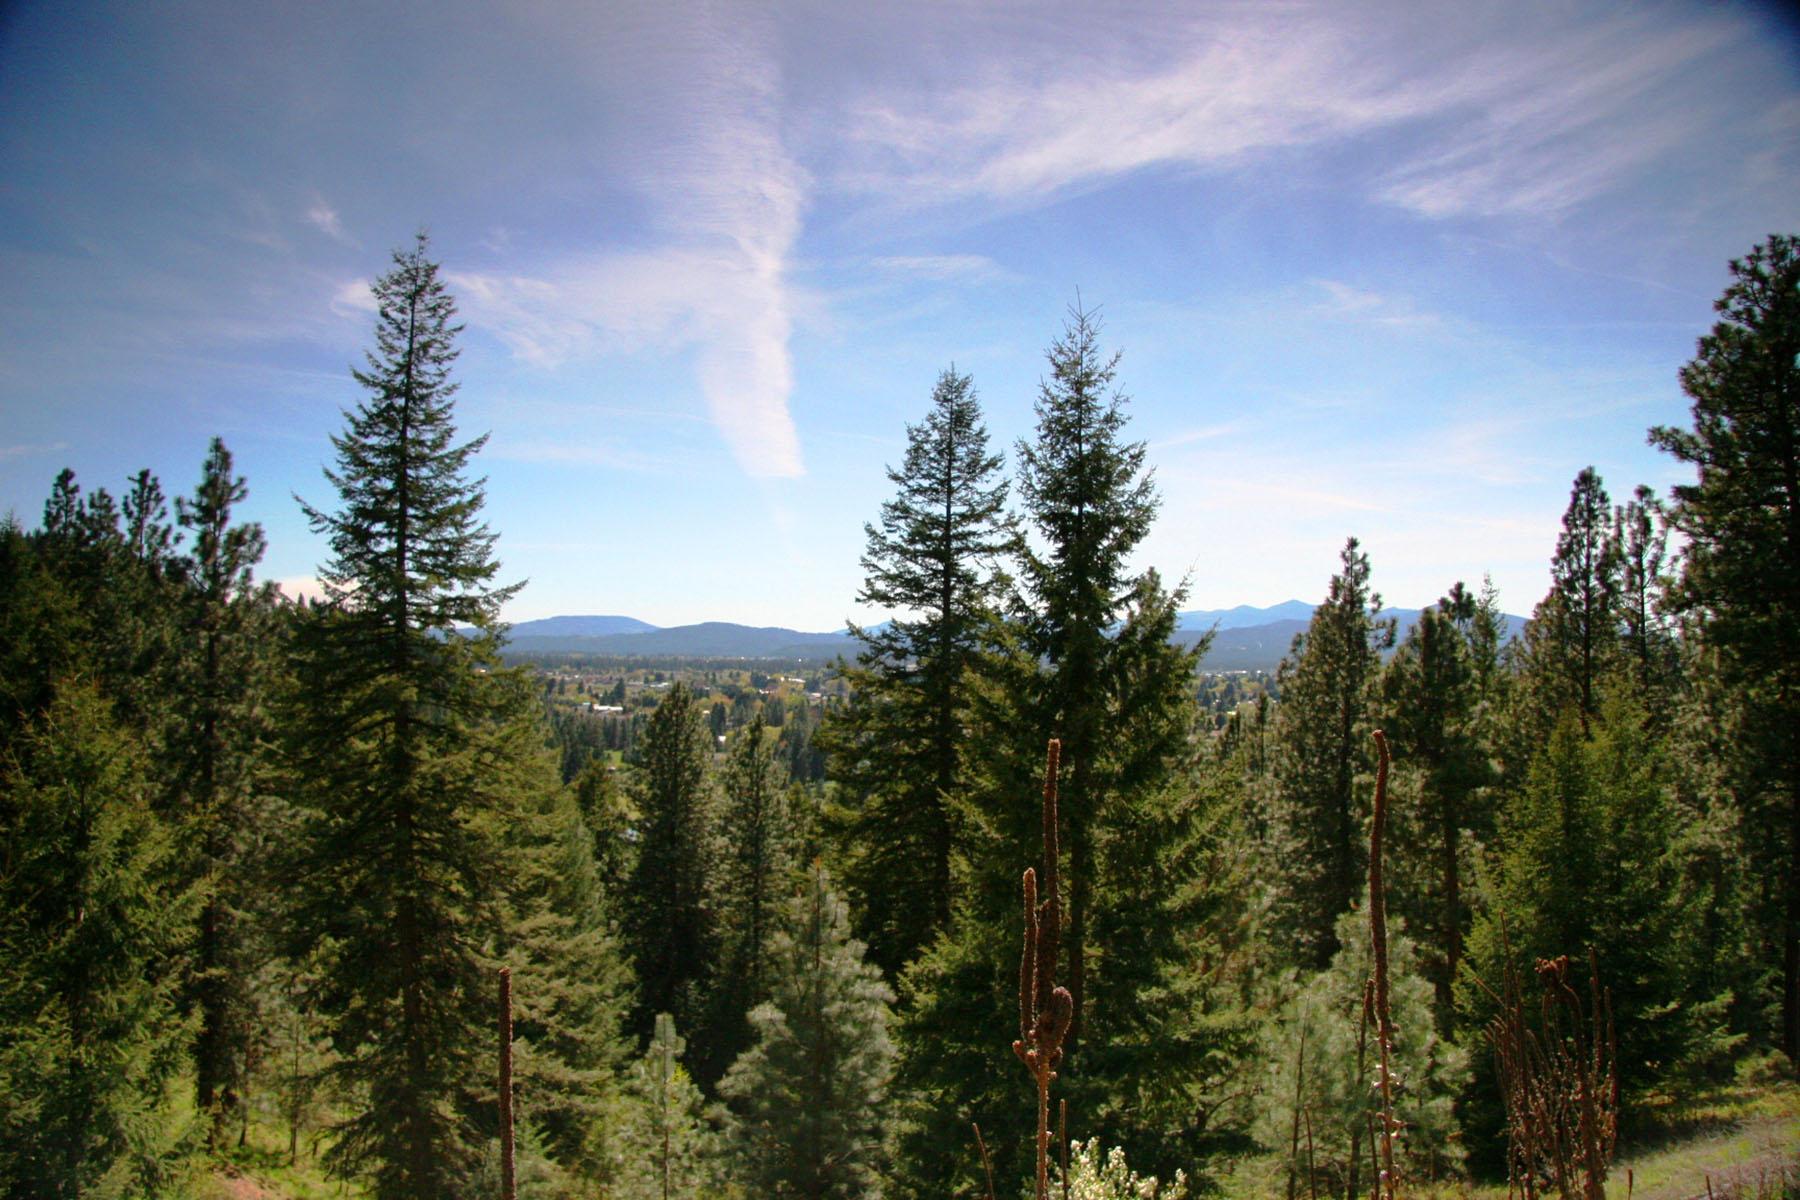 Terreno por un Venta en This is spectacular 2.74 acres in Hayden! NNA 2.7 E Sundown Dr Hayden, Idaho, 83835 Estados Unidos